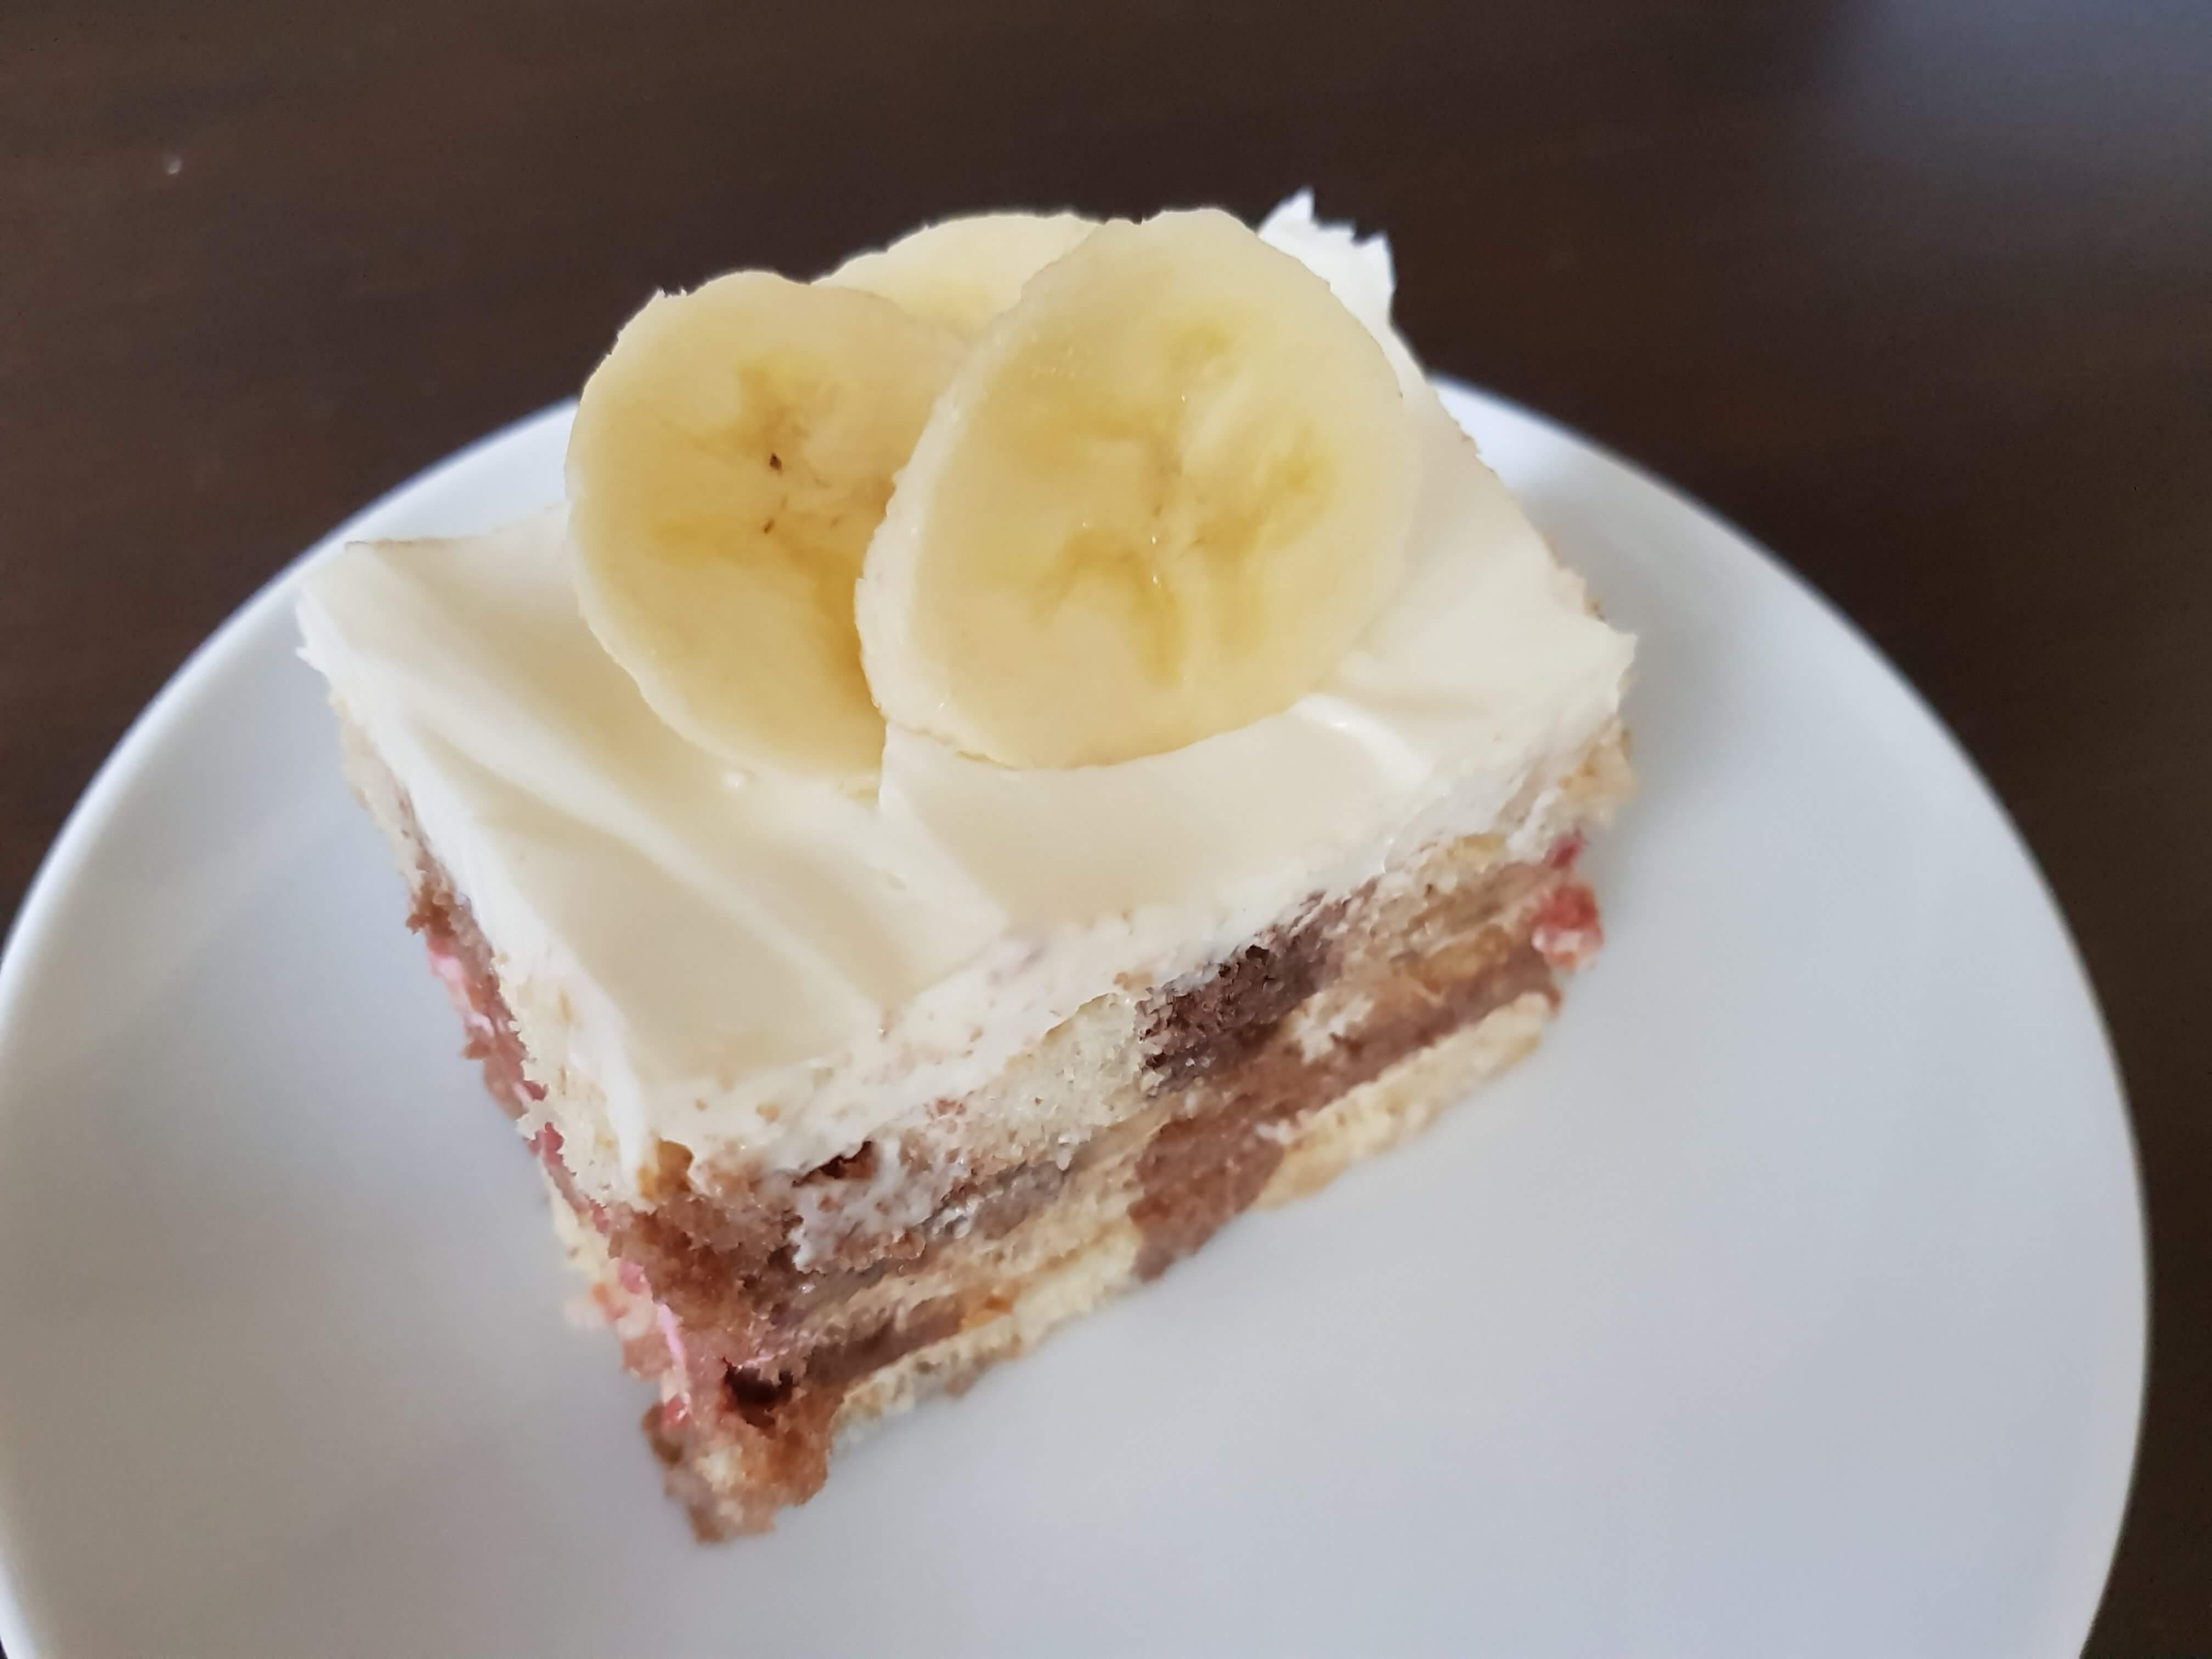 Voćni kolač sa piškotama - Slatko - 3